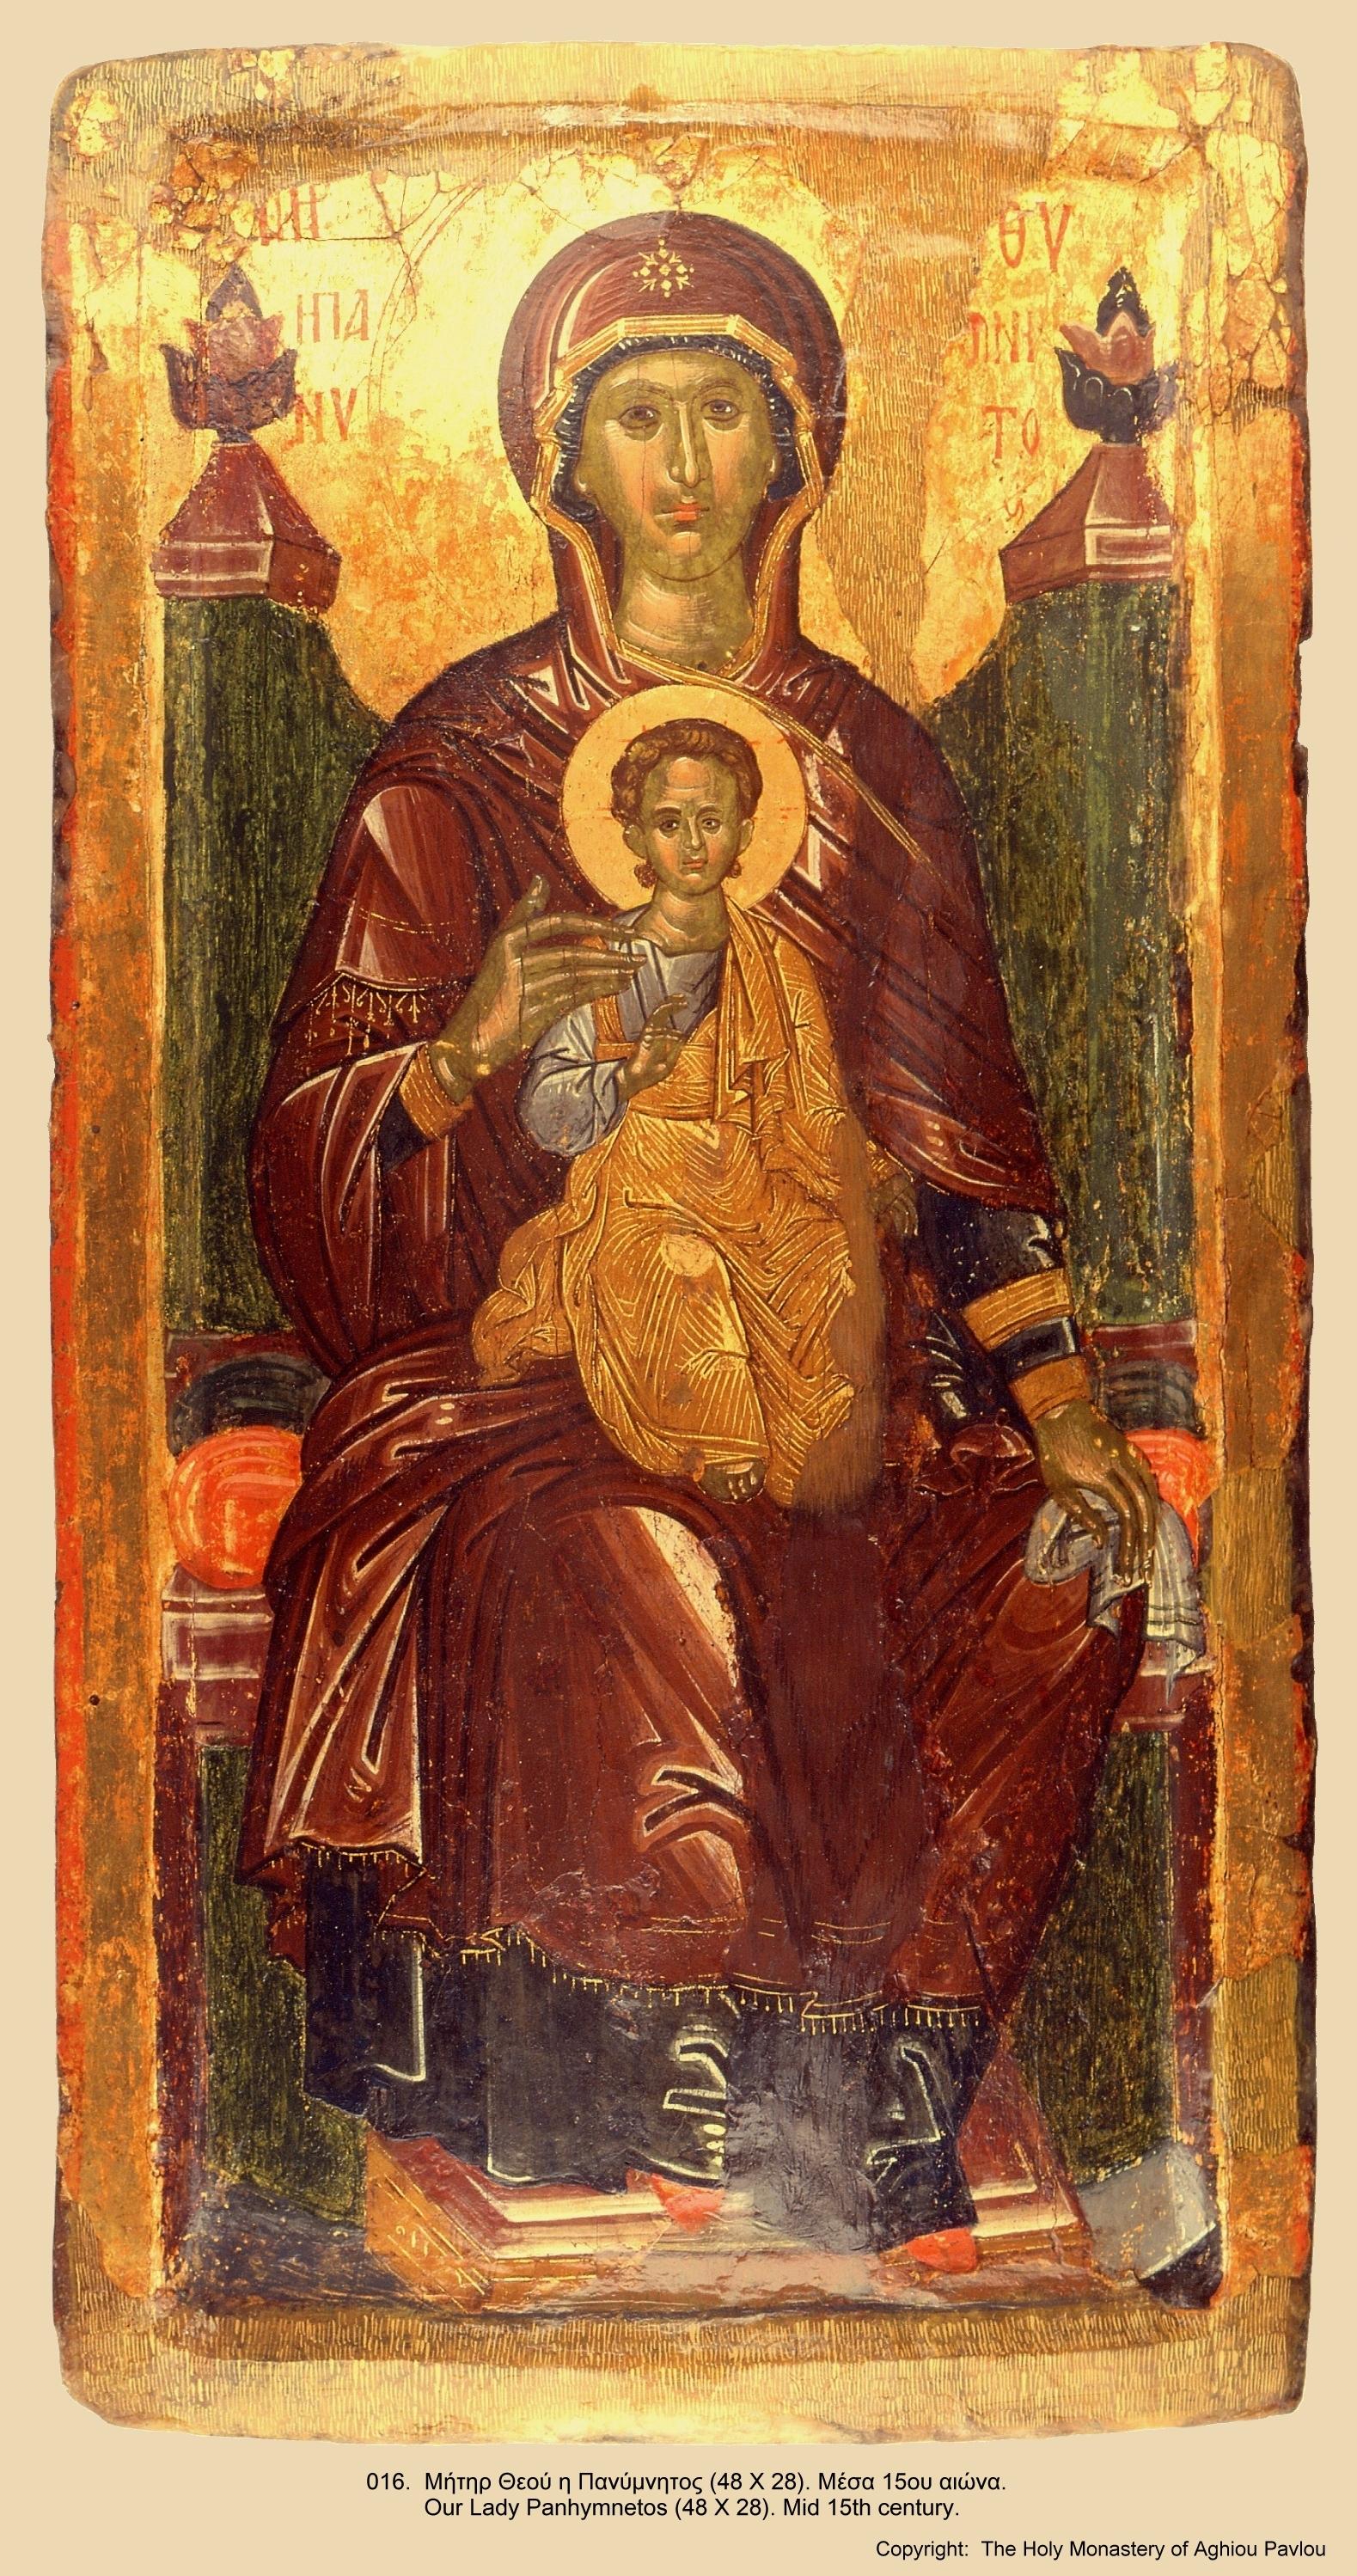 Иконы монастыря св. Павла, Святая Гора ...: nevsepic.com.ua/religiya/1365-ikony-monastyrya-sv-pavla-svyataya...